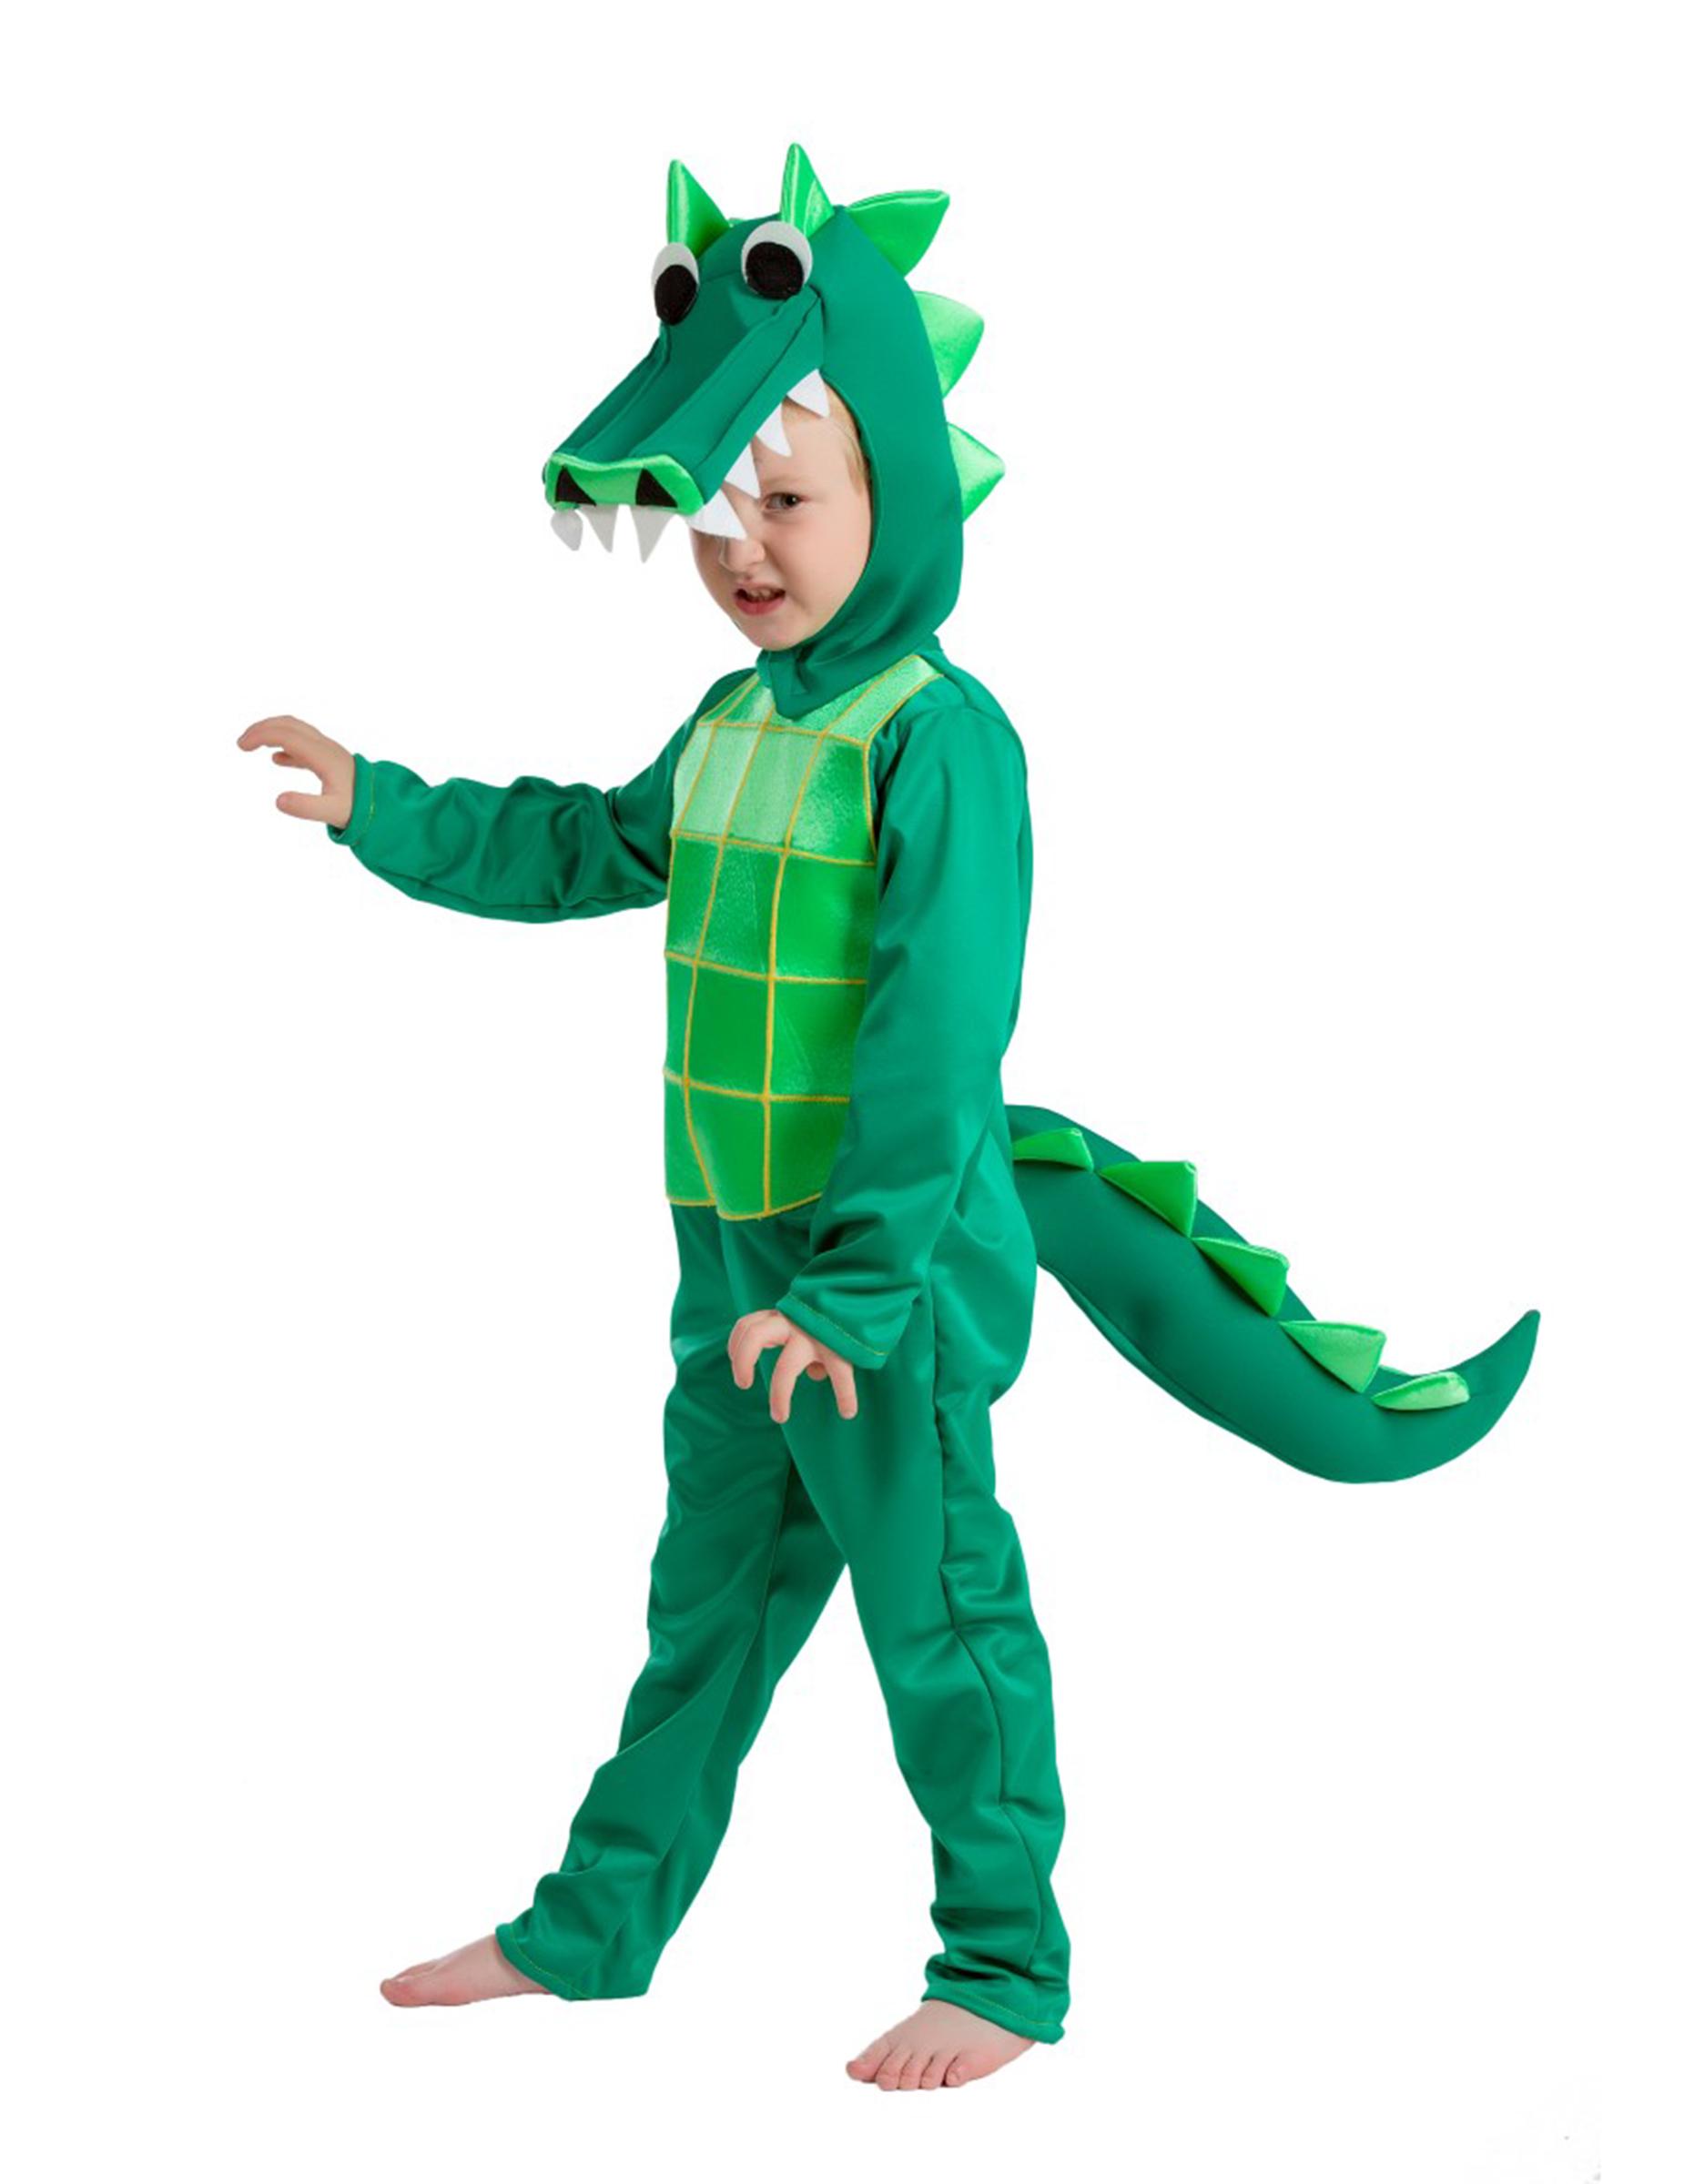 Disfraz de cocodrilo niño - Premium: Disfraces niños,y disfraces originales baratos - Vegaoo